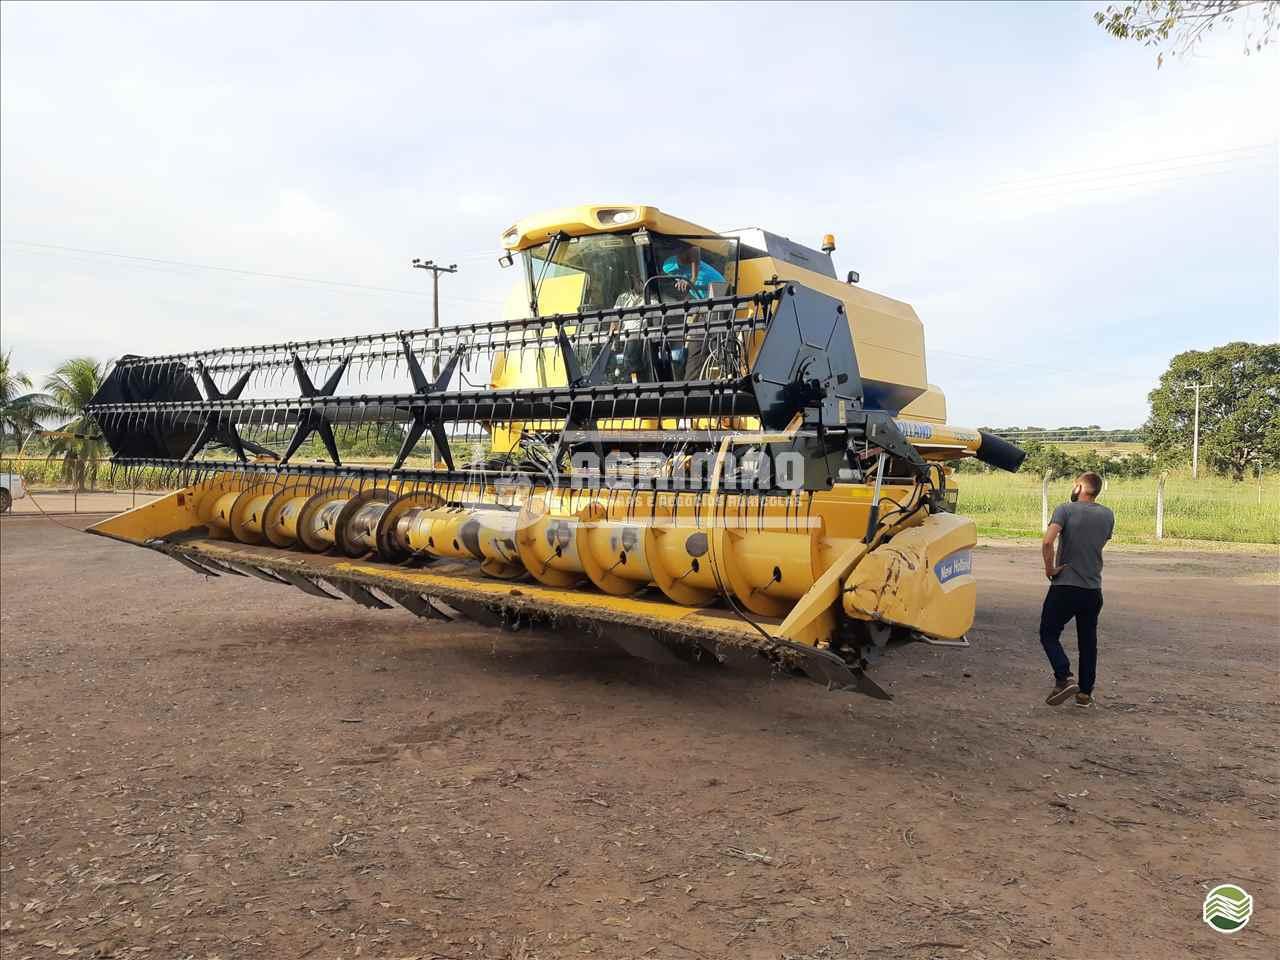 TC 5090 de Agrimaq Máquinas e Implementos Agrícolas - LUCAS DO RIO VERDE/MT